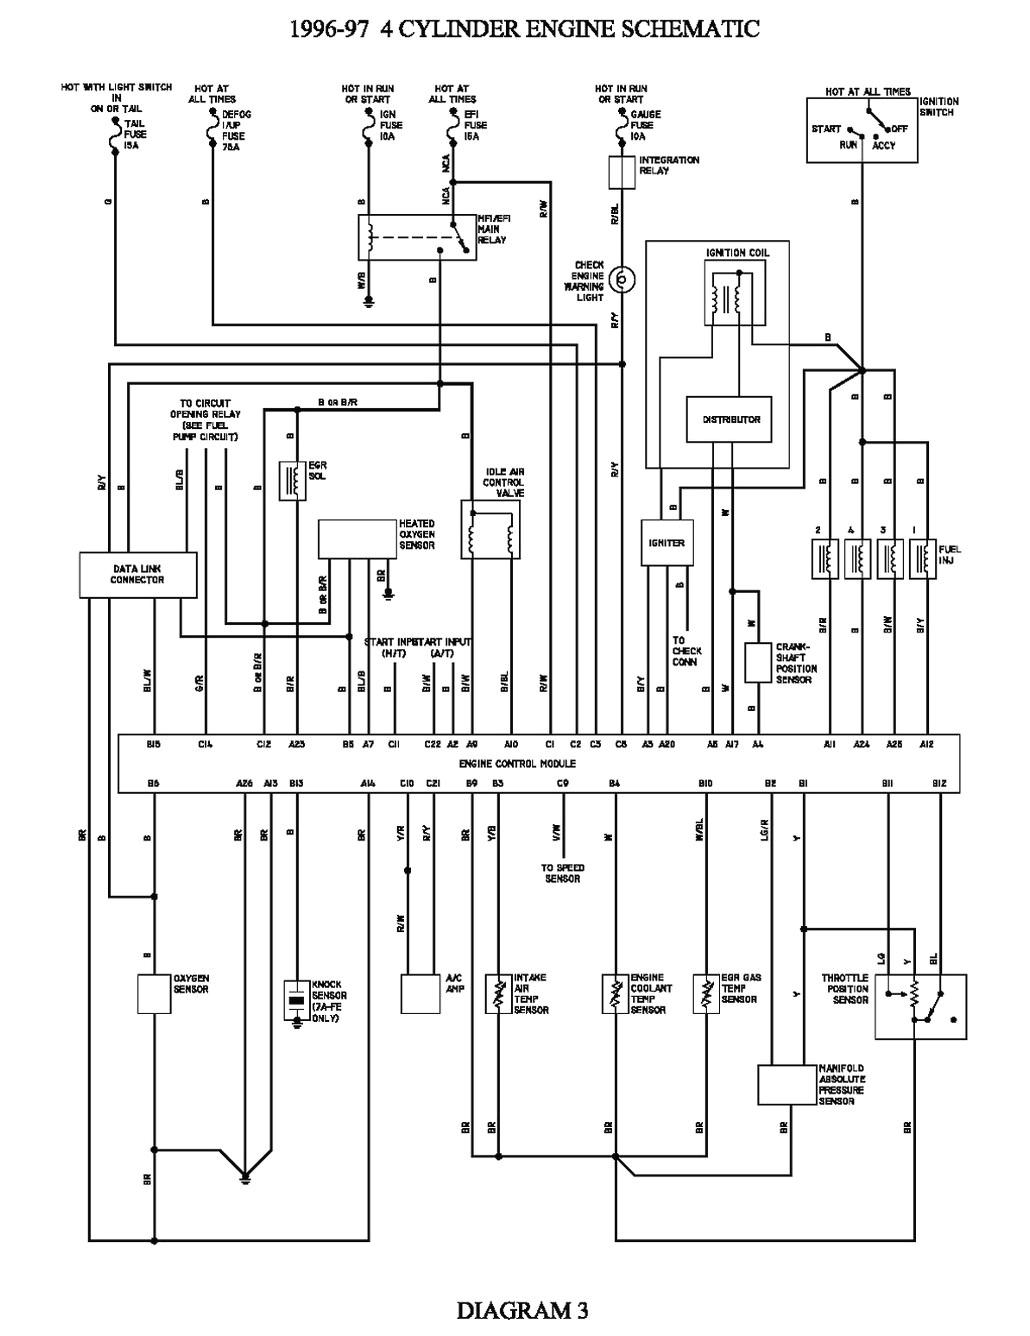 1995 toyota corolla wiring diagram wiring diagram database 1995 toyota corolla wiring diagram 1995 toyota corolla wiring